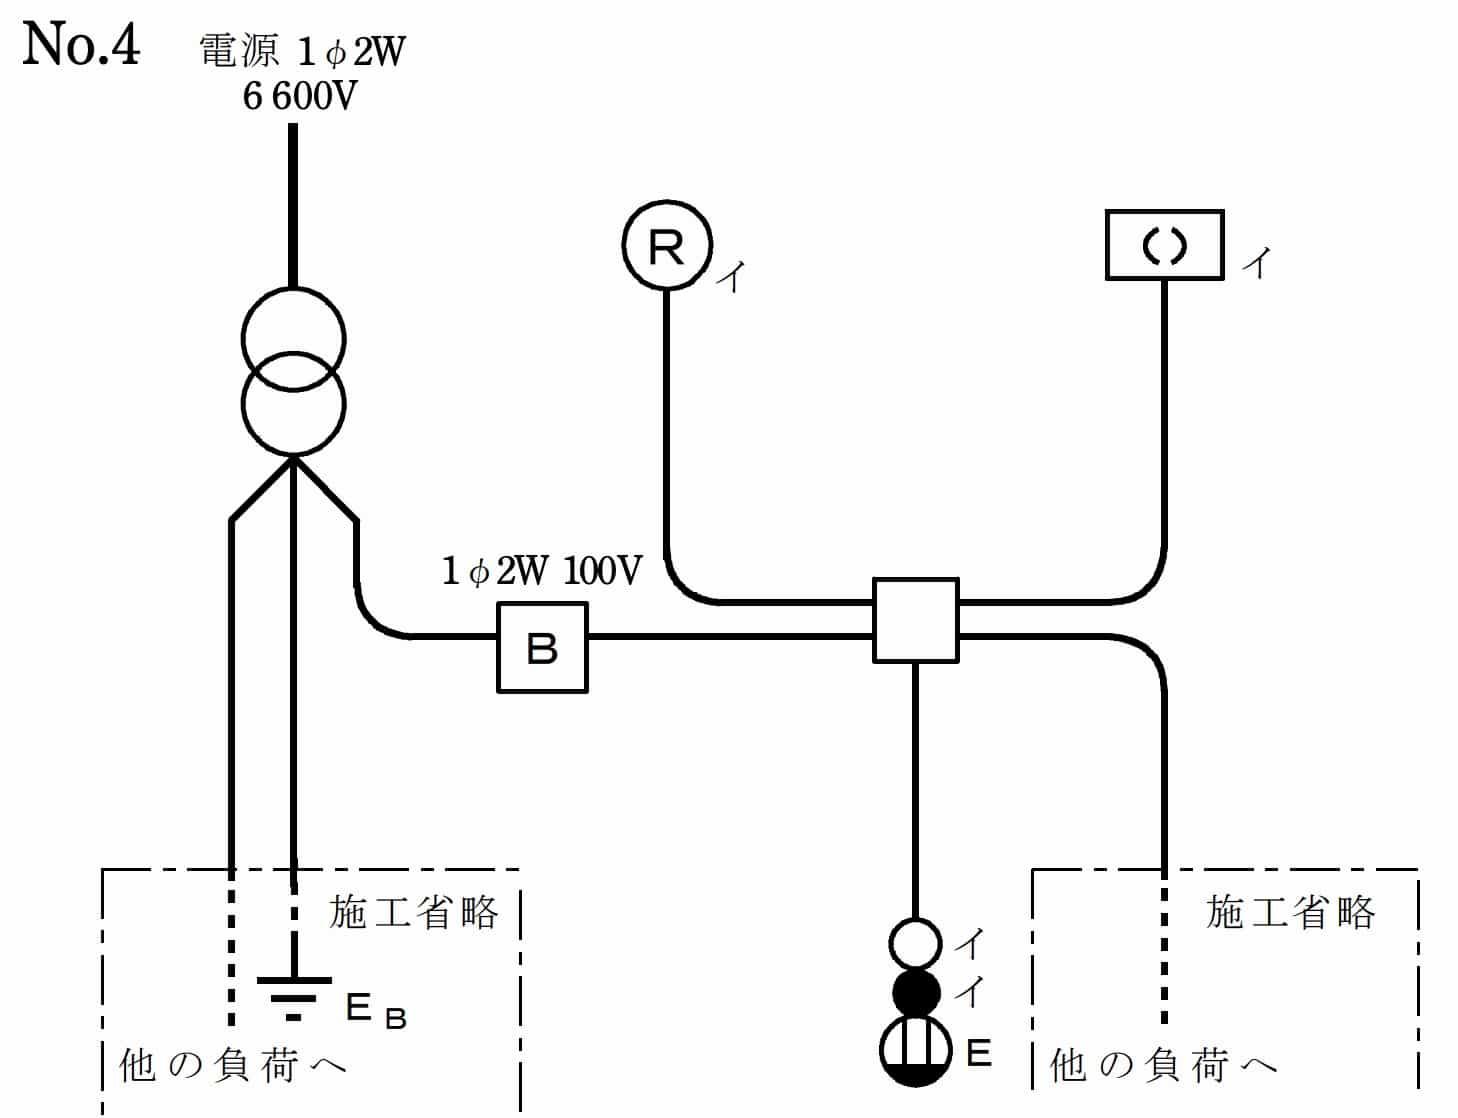 第一種電気工事士の技能試験の候補問題No.4